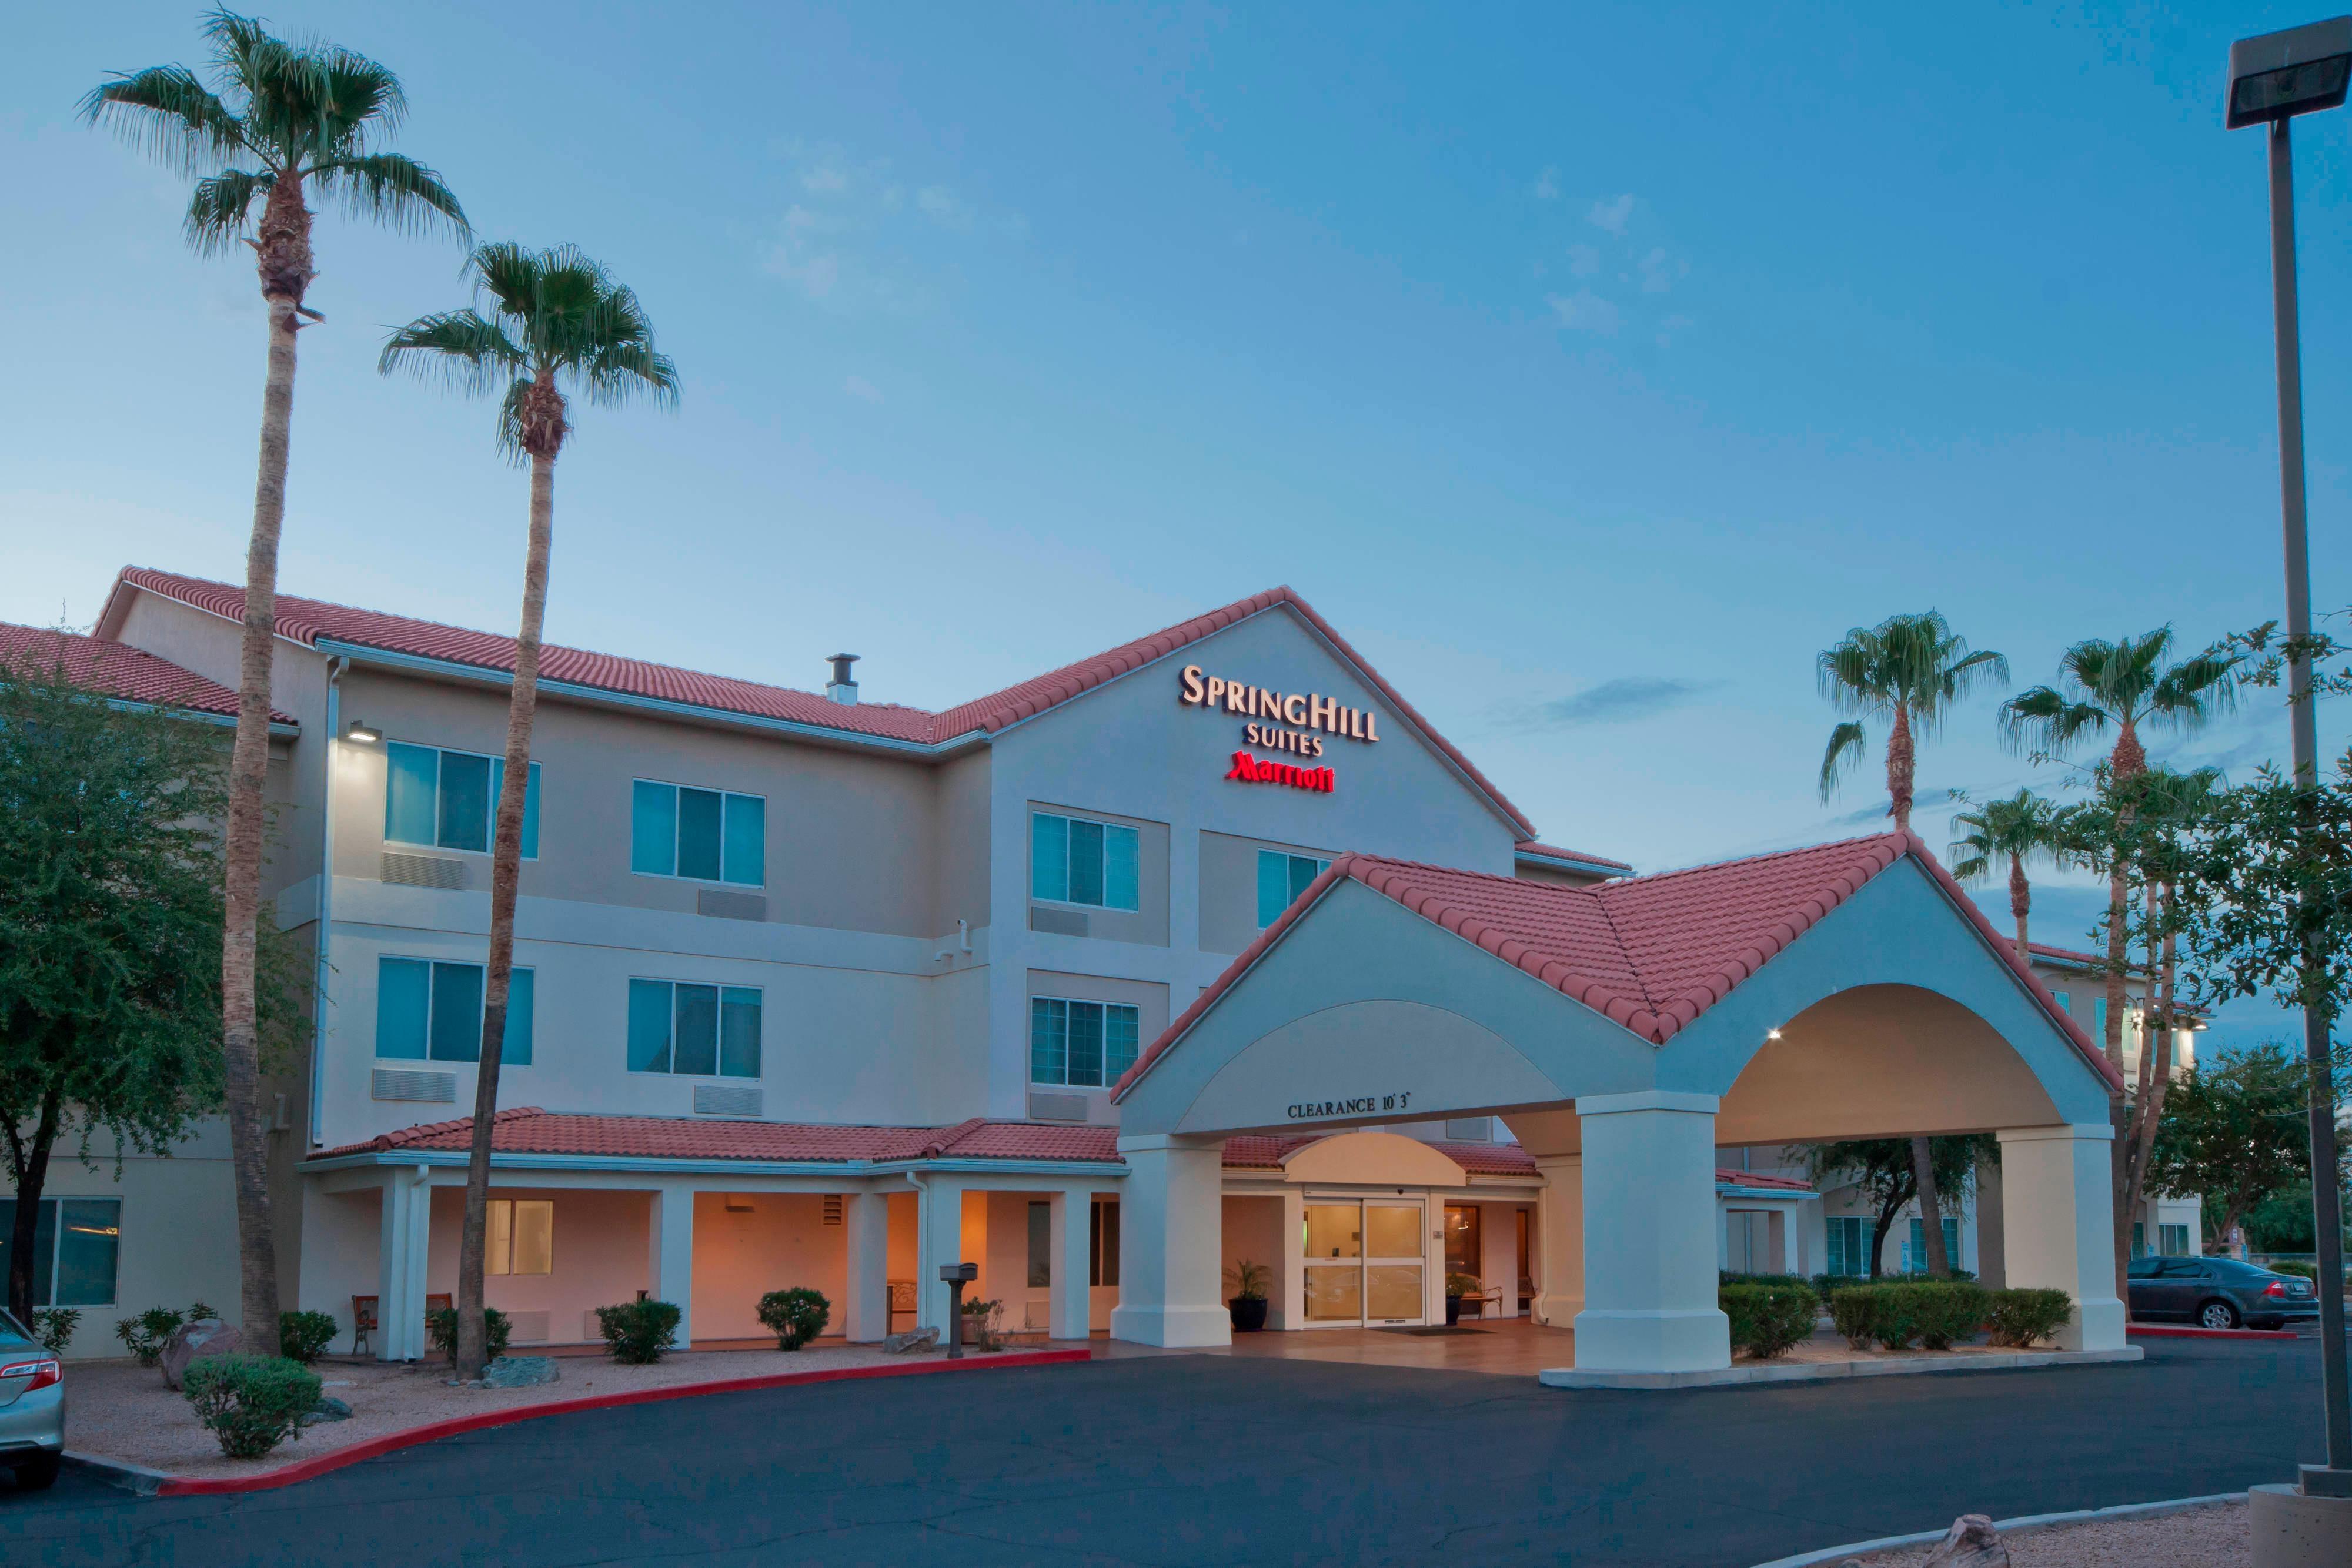 アリゾナ州チャンドラーのホテルの入口外観